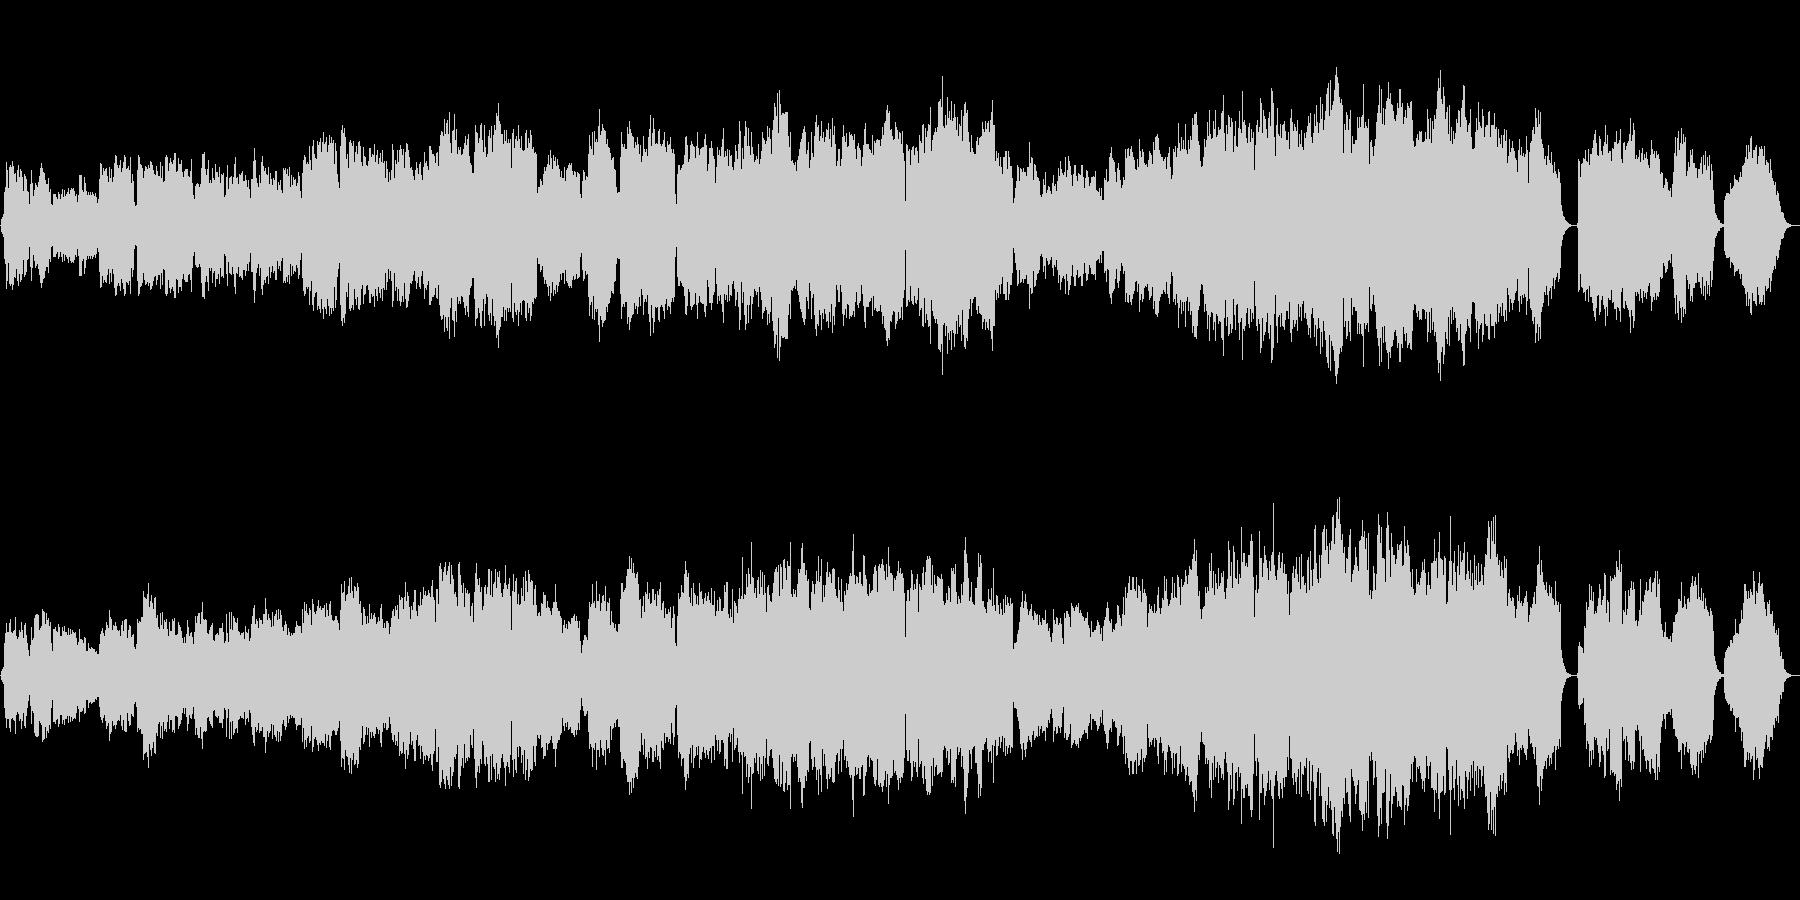 映像向けに合う、本格的なオーケストラ曲の未再生の波形